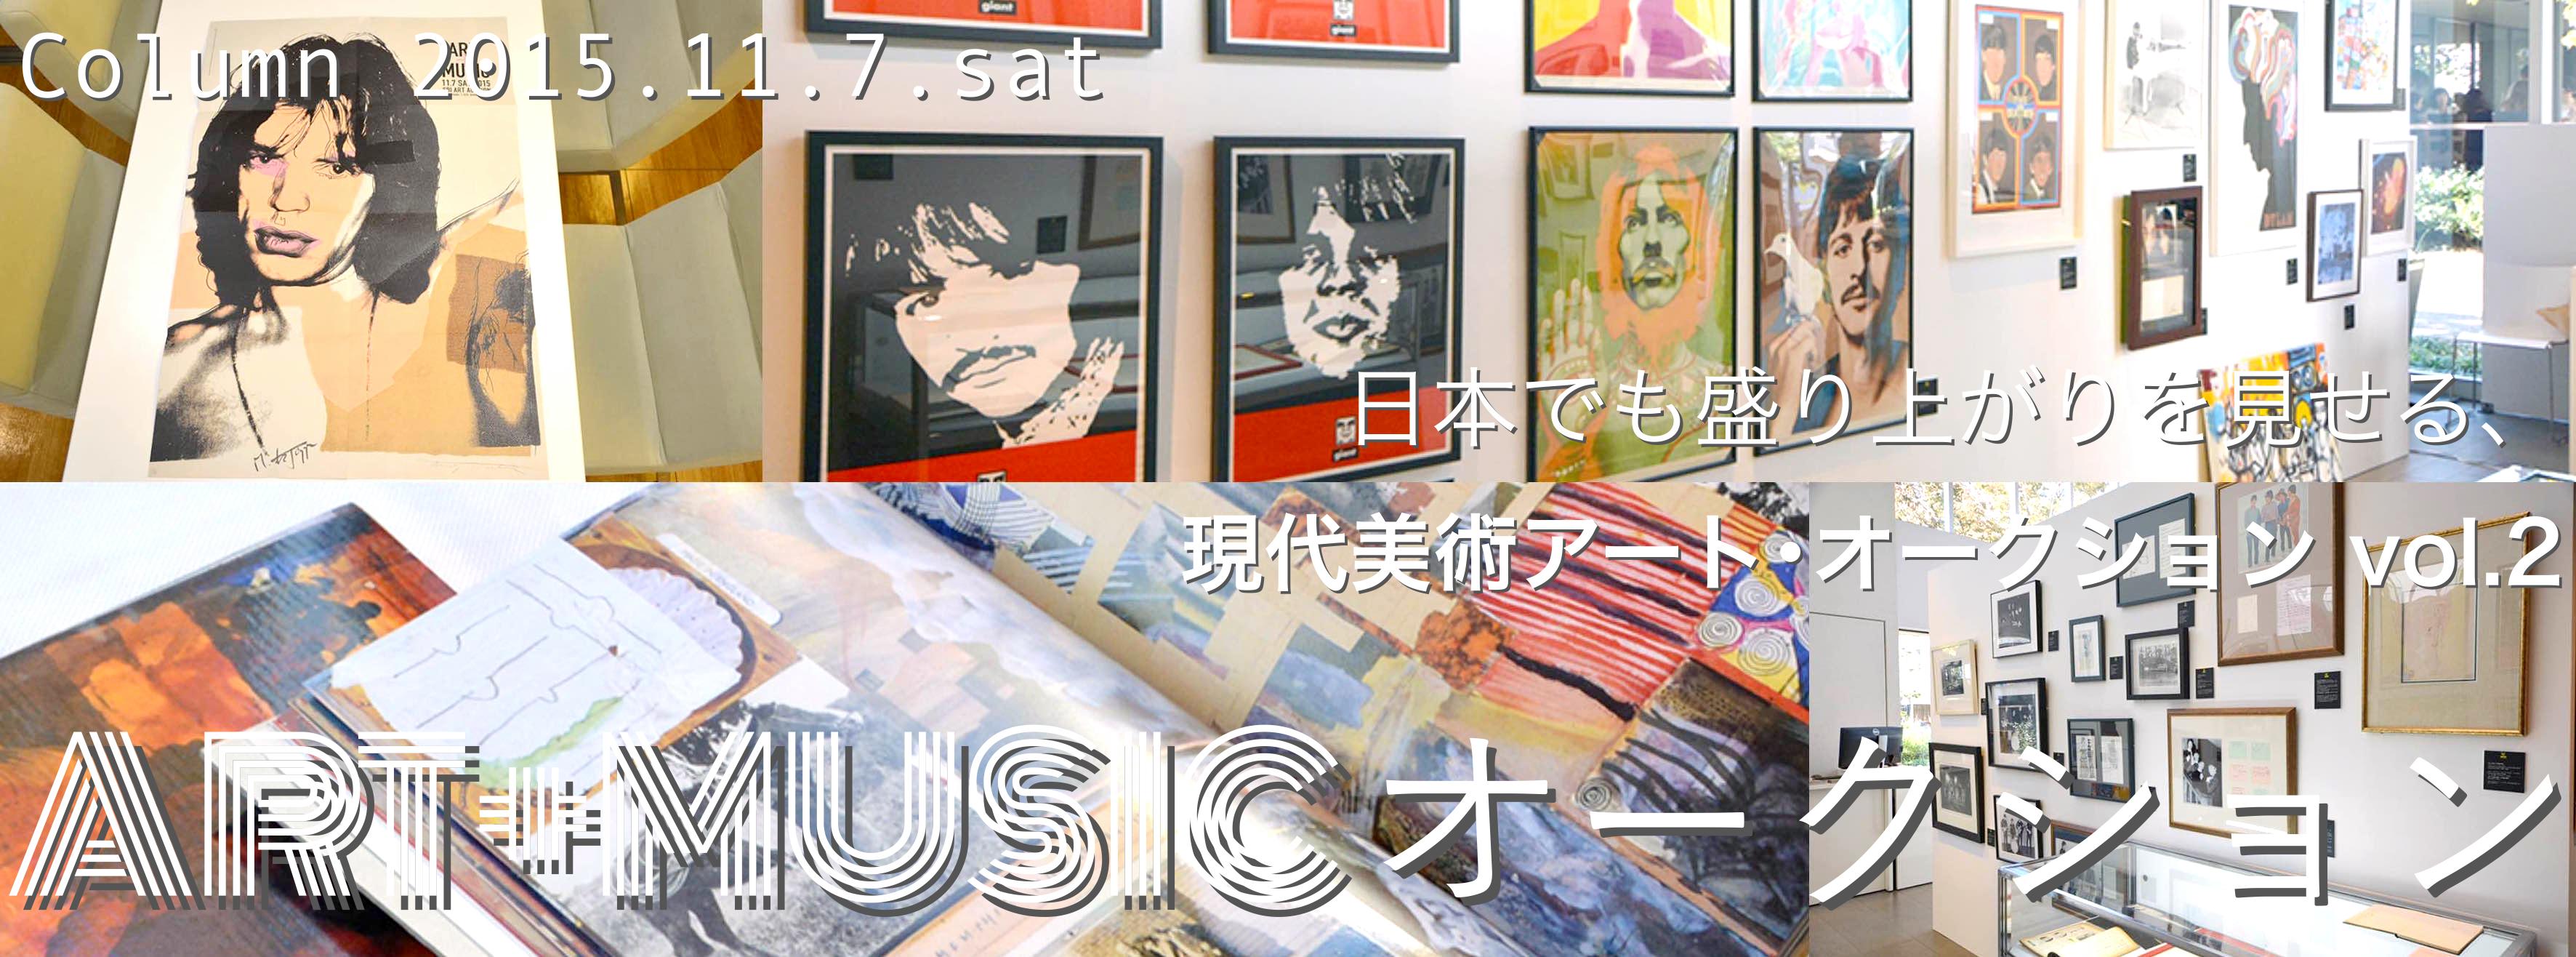 日本でも盛り上がりを見せる現代美術アート・オークション vol.2 ART+MUSICオークション